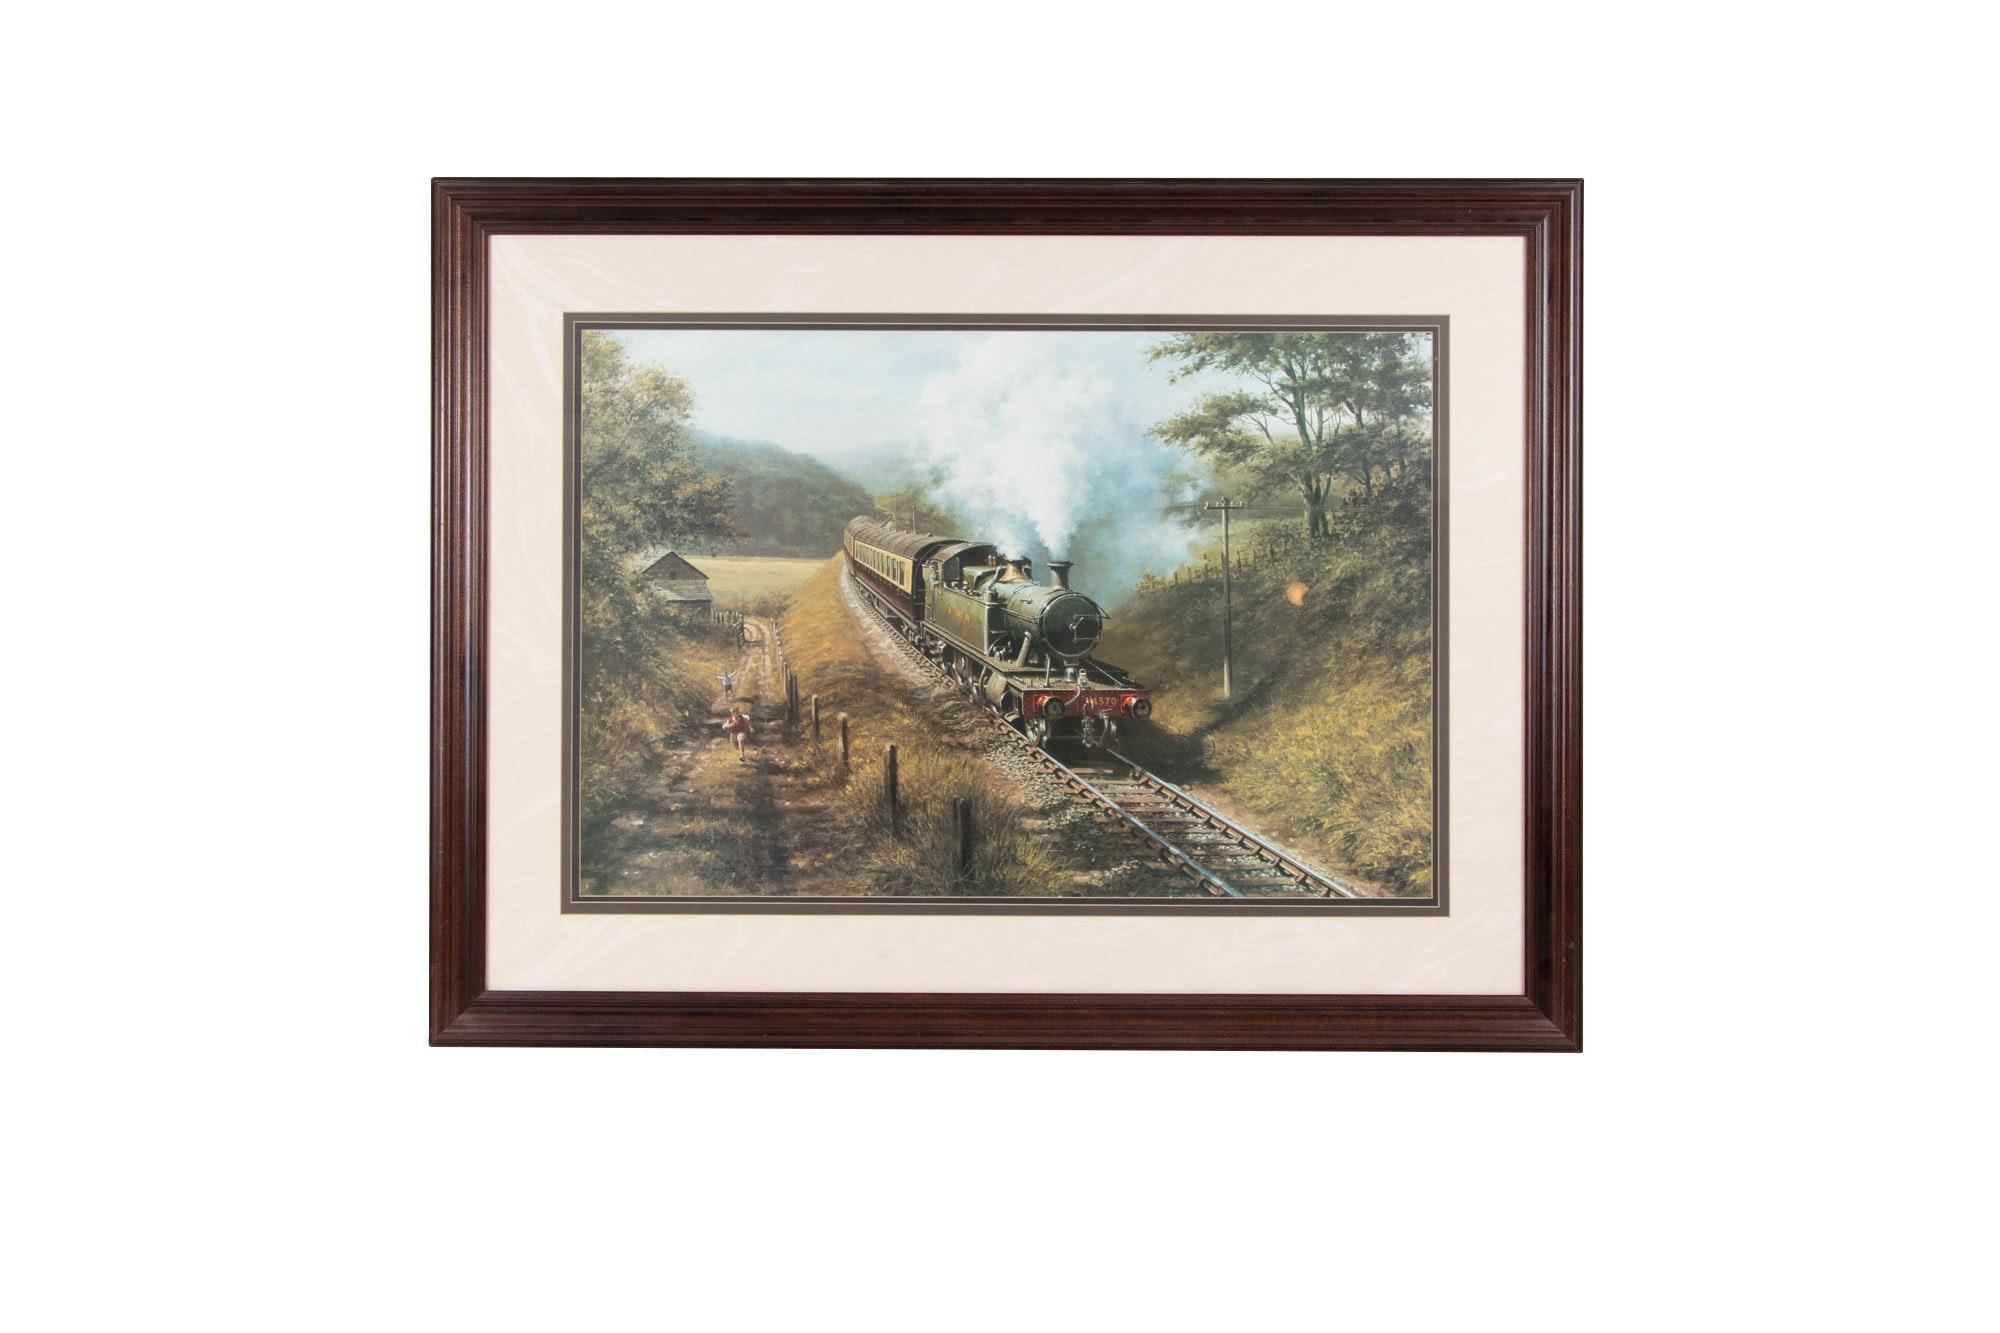 Landscape Offset Lithograph Print